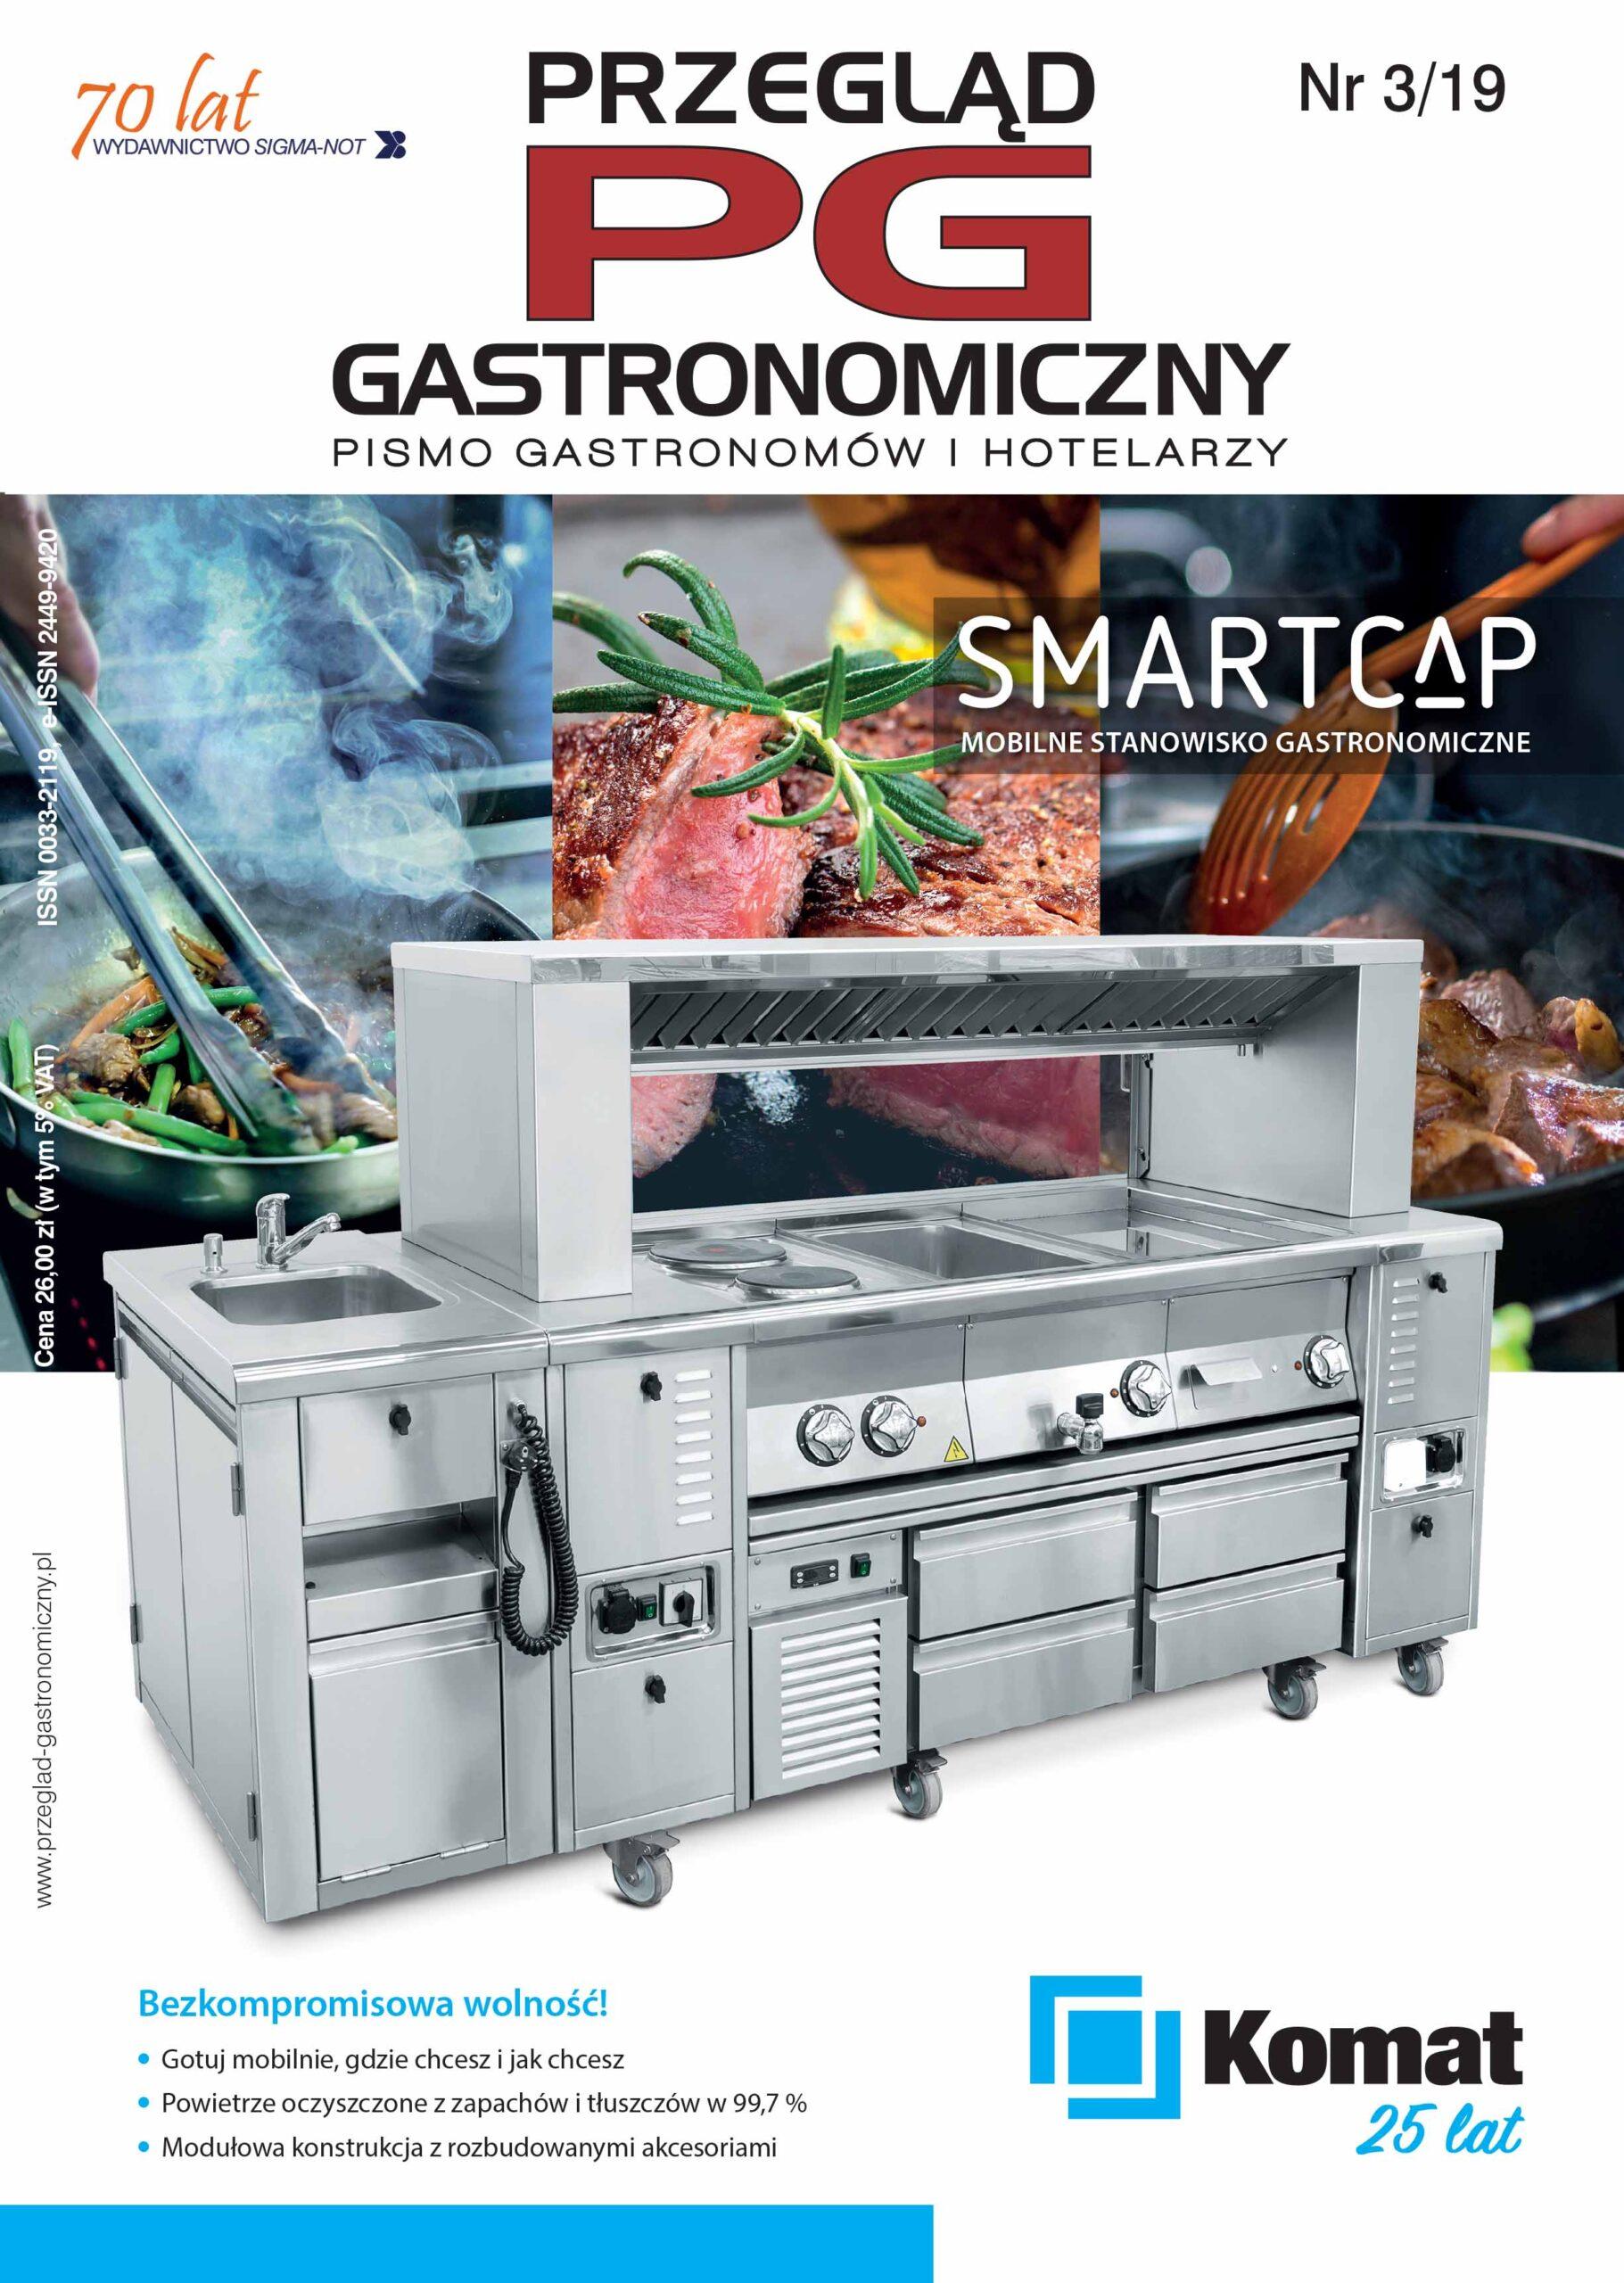 Przegląd Gastronomiczny 03.2019